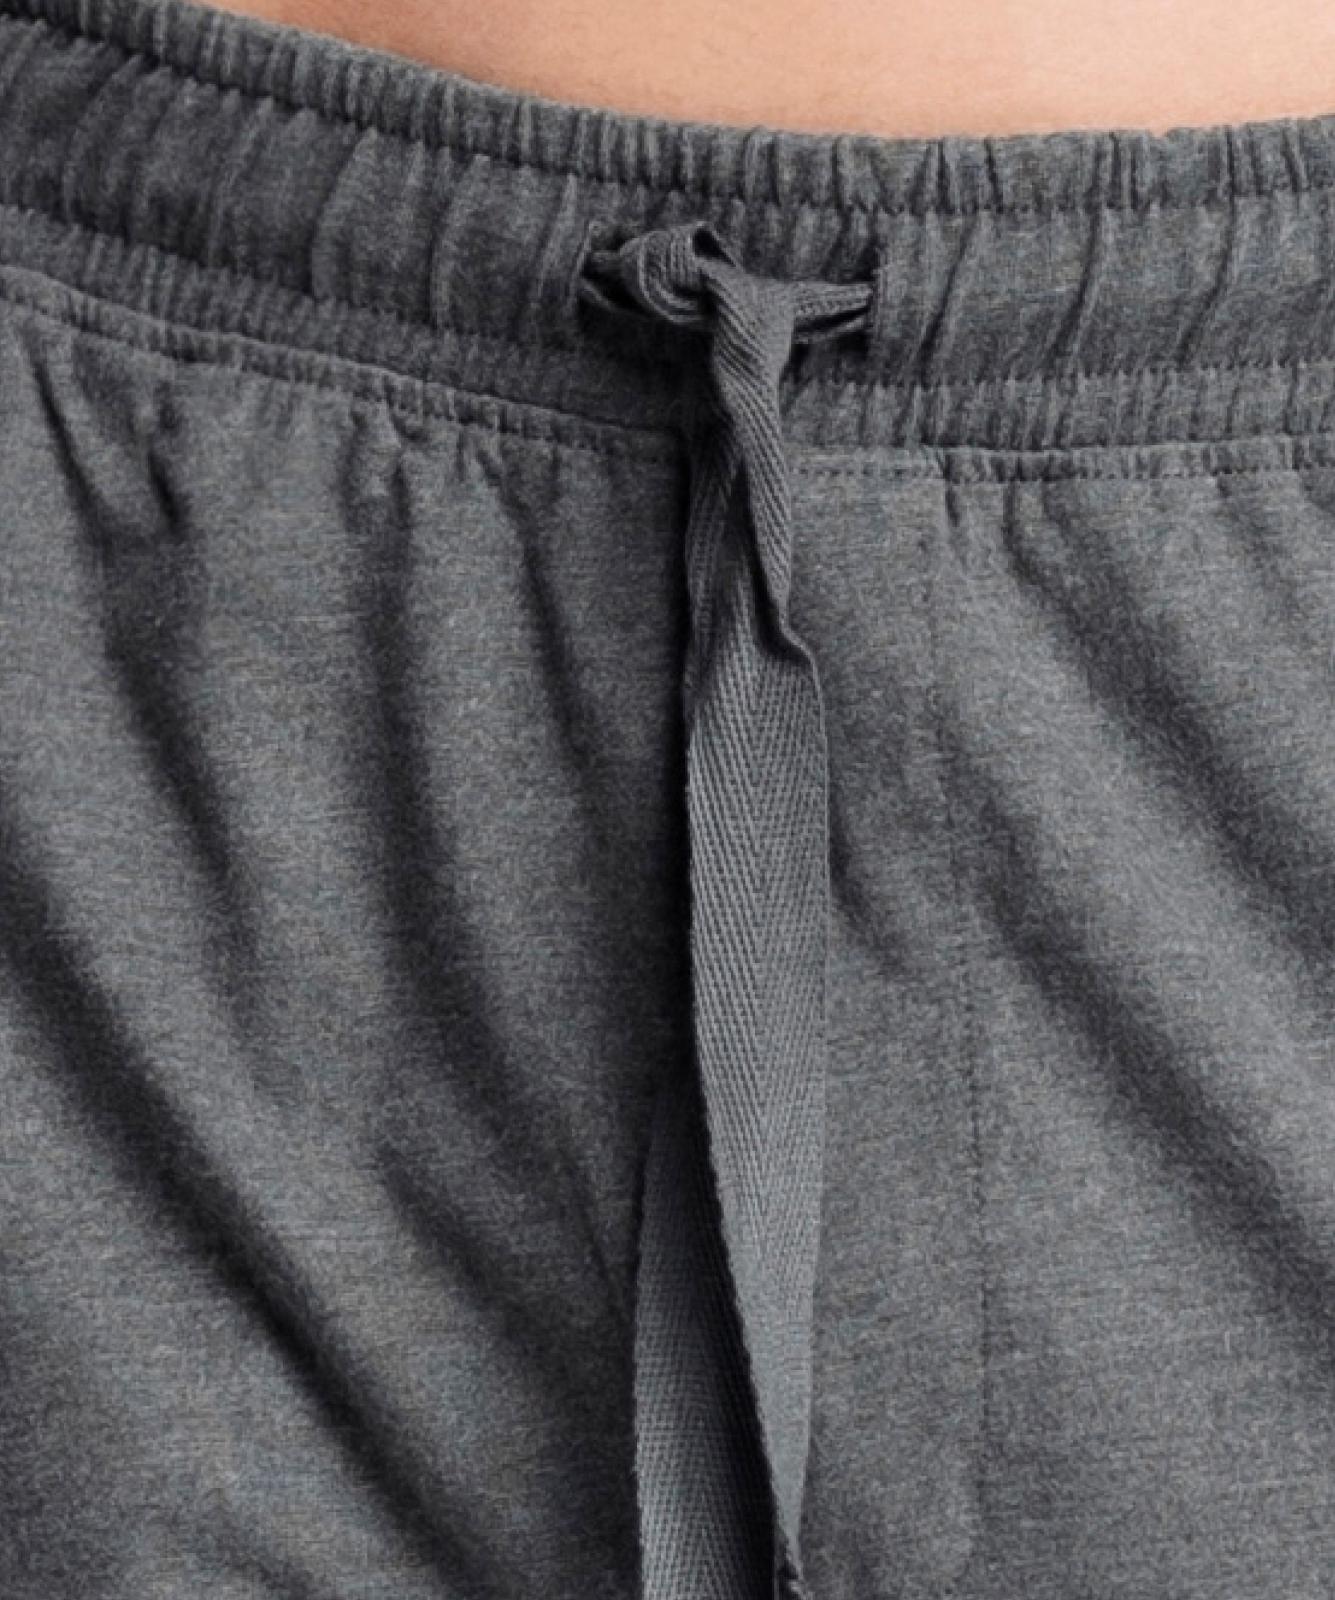 Мужские шорты пижамные Atlantic, 1 шт. в уп., хлопок, серый меланж, NMB-039